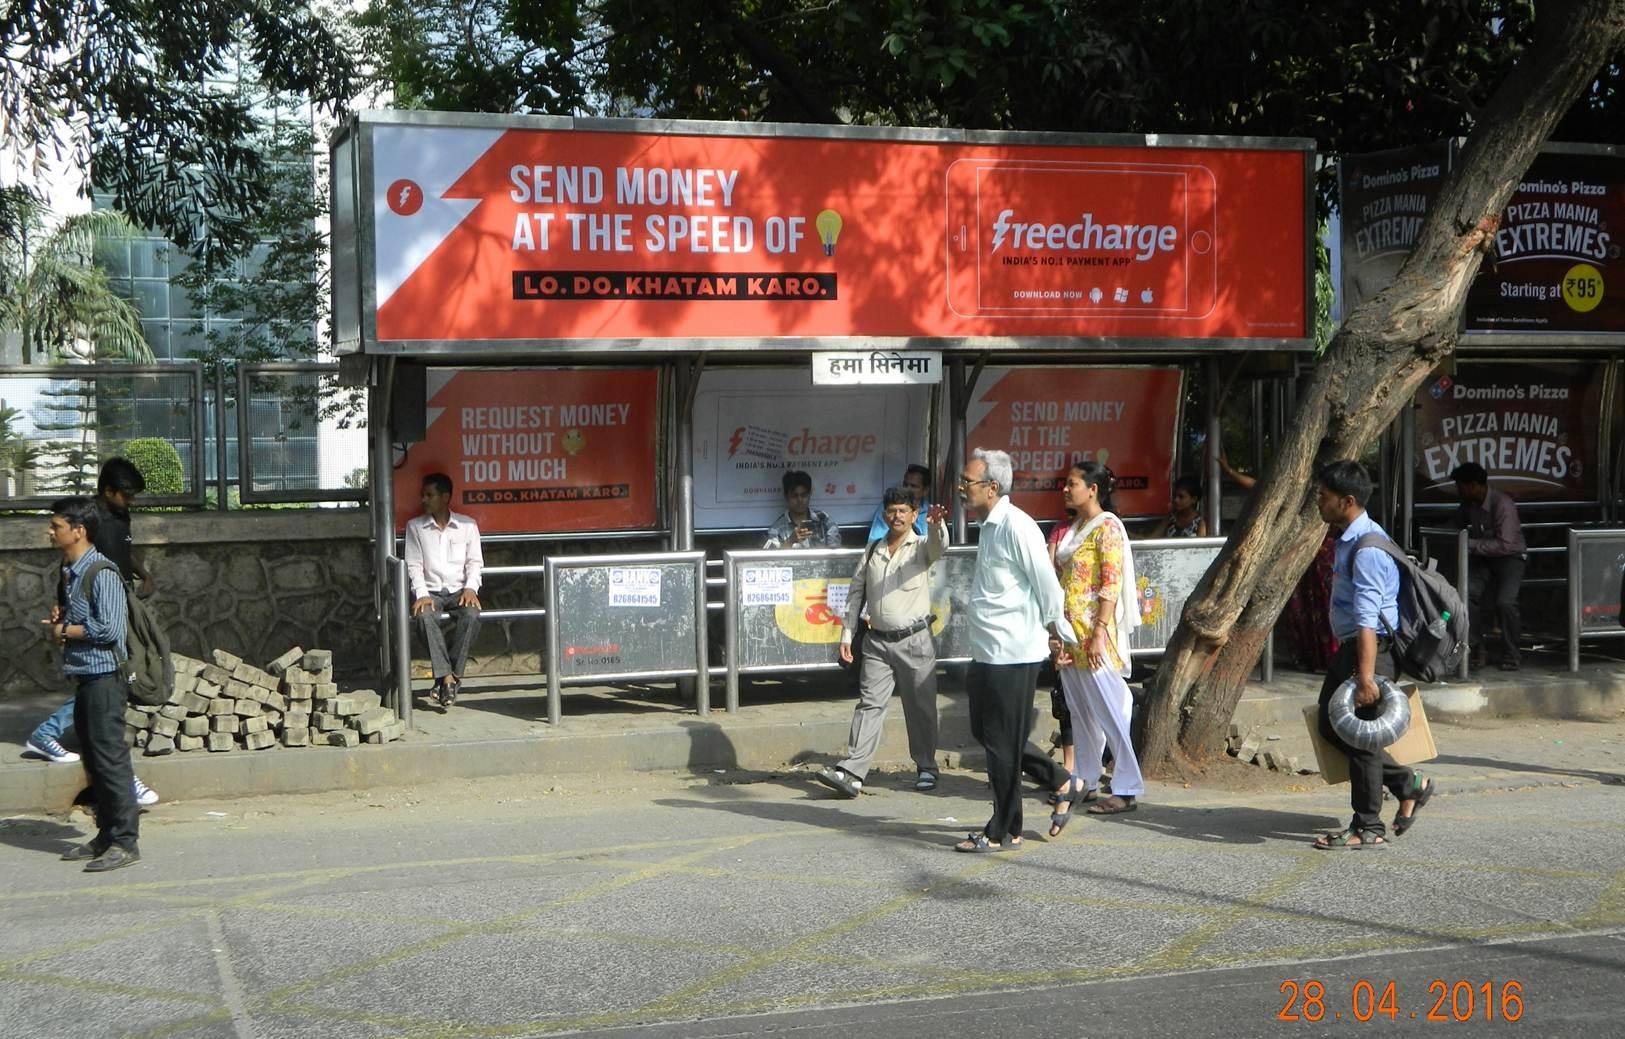 Huma Cinema Kanjurmarg Dn 1st, Mumbai